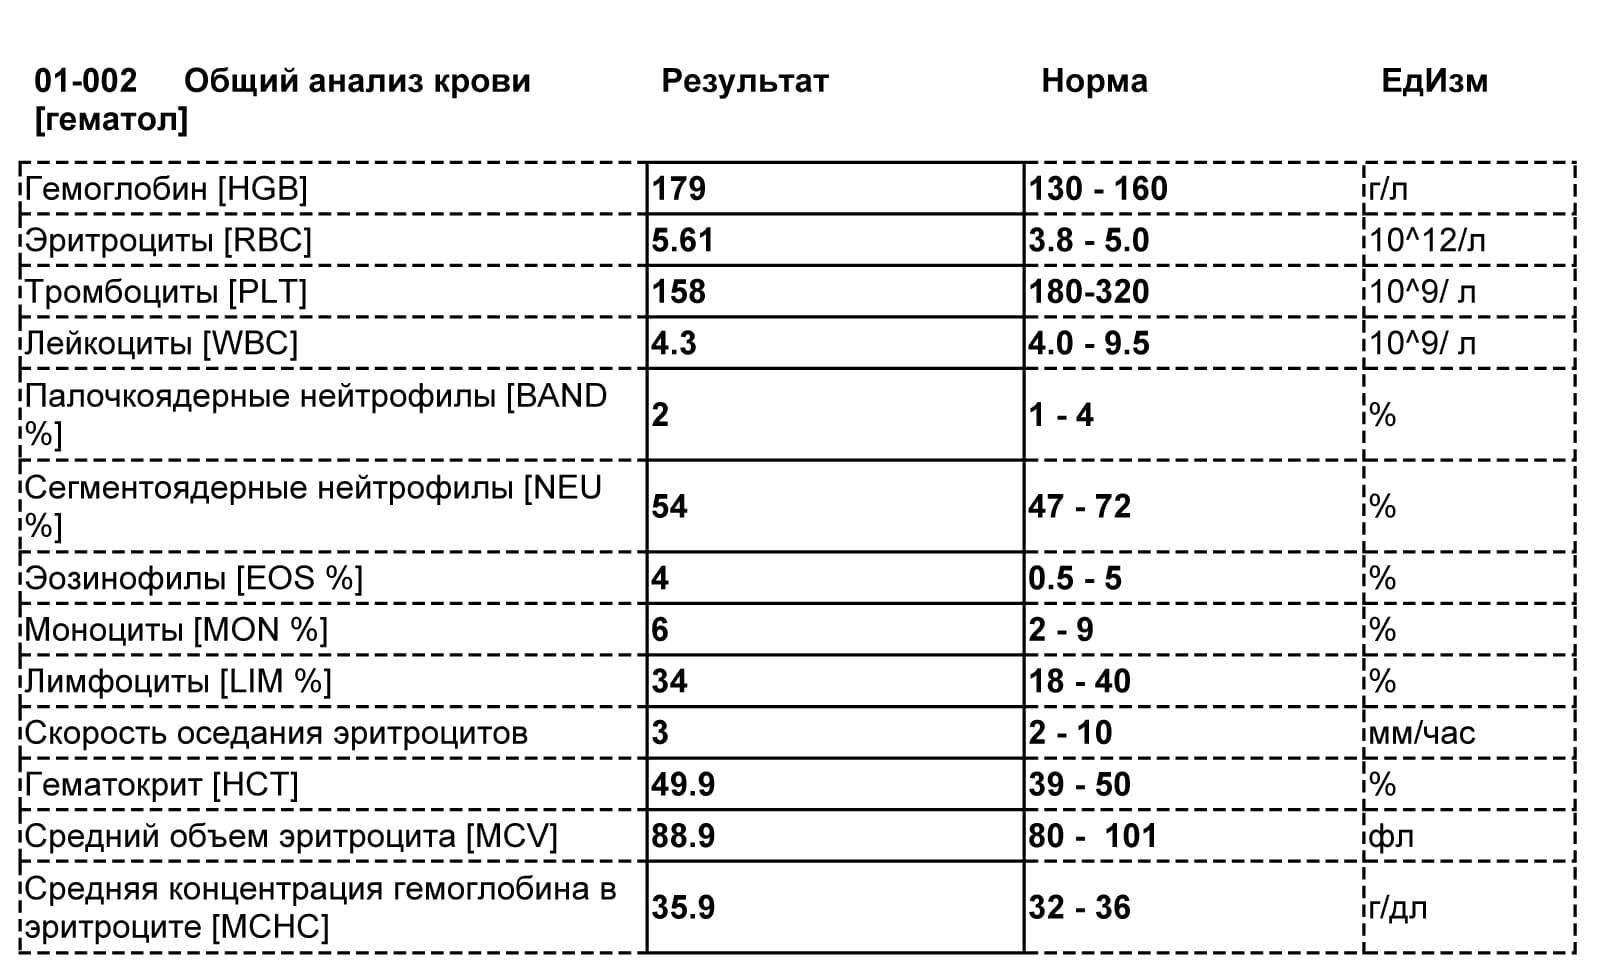 Повышен rdw в анализе крови: что значит показатель, эритроцитный анизоцитоз, симптомы повышения